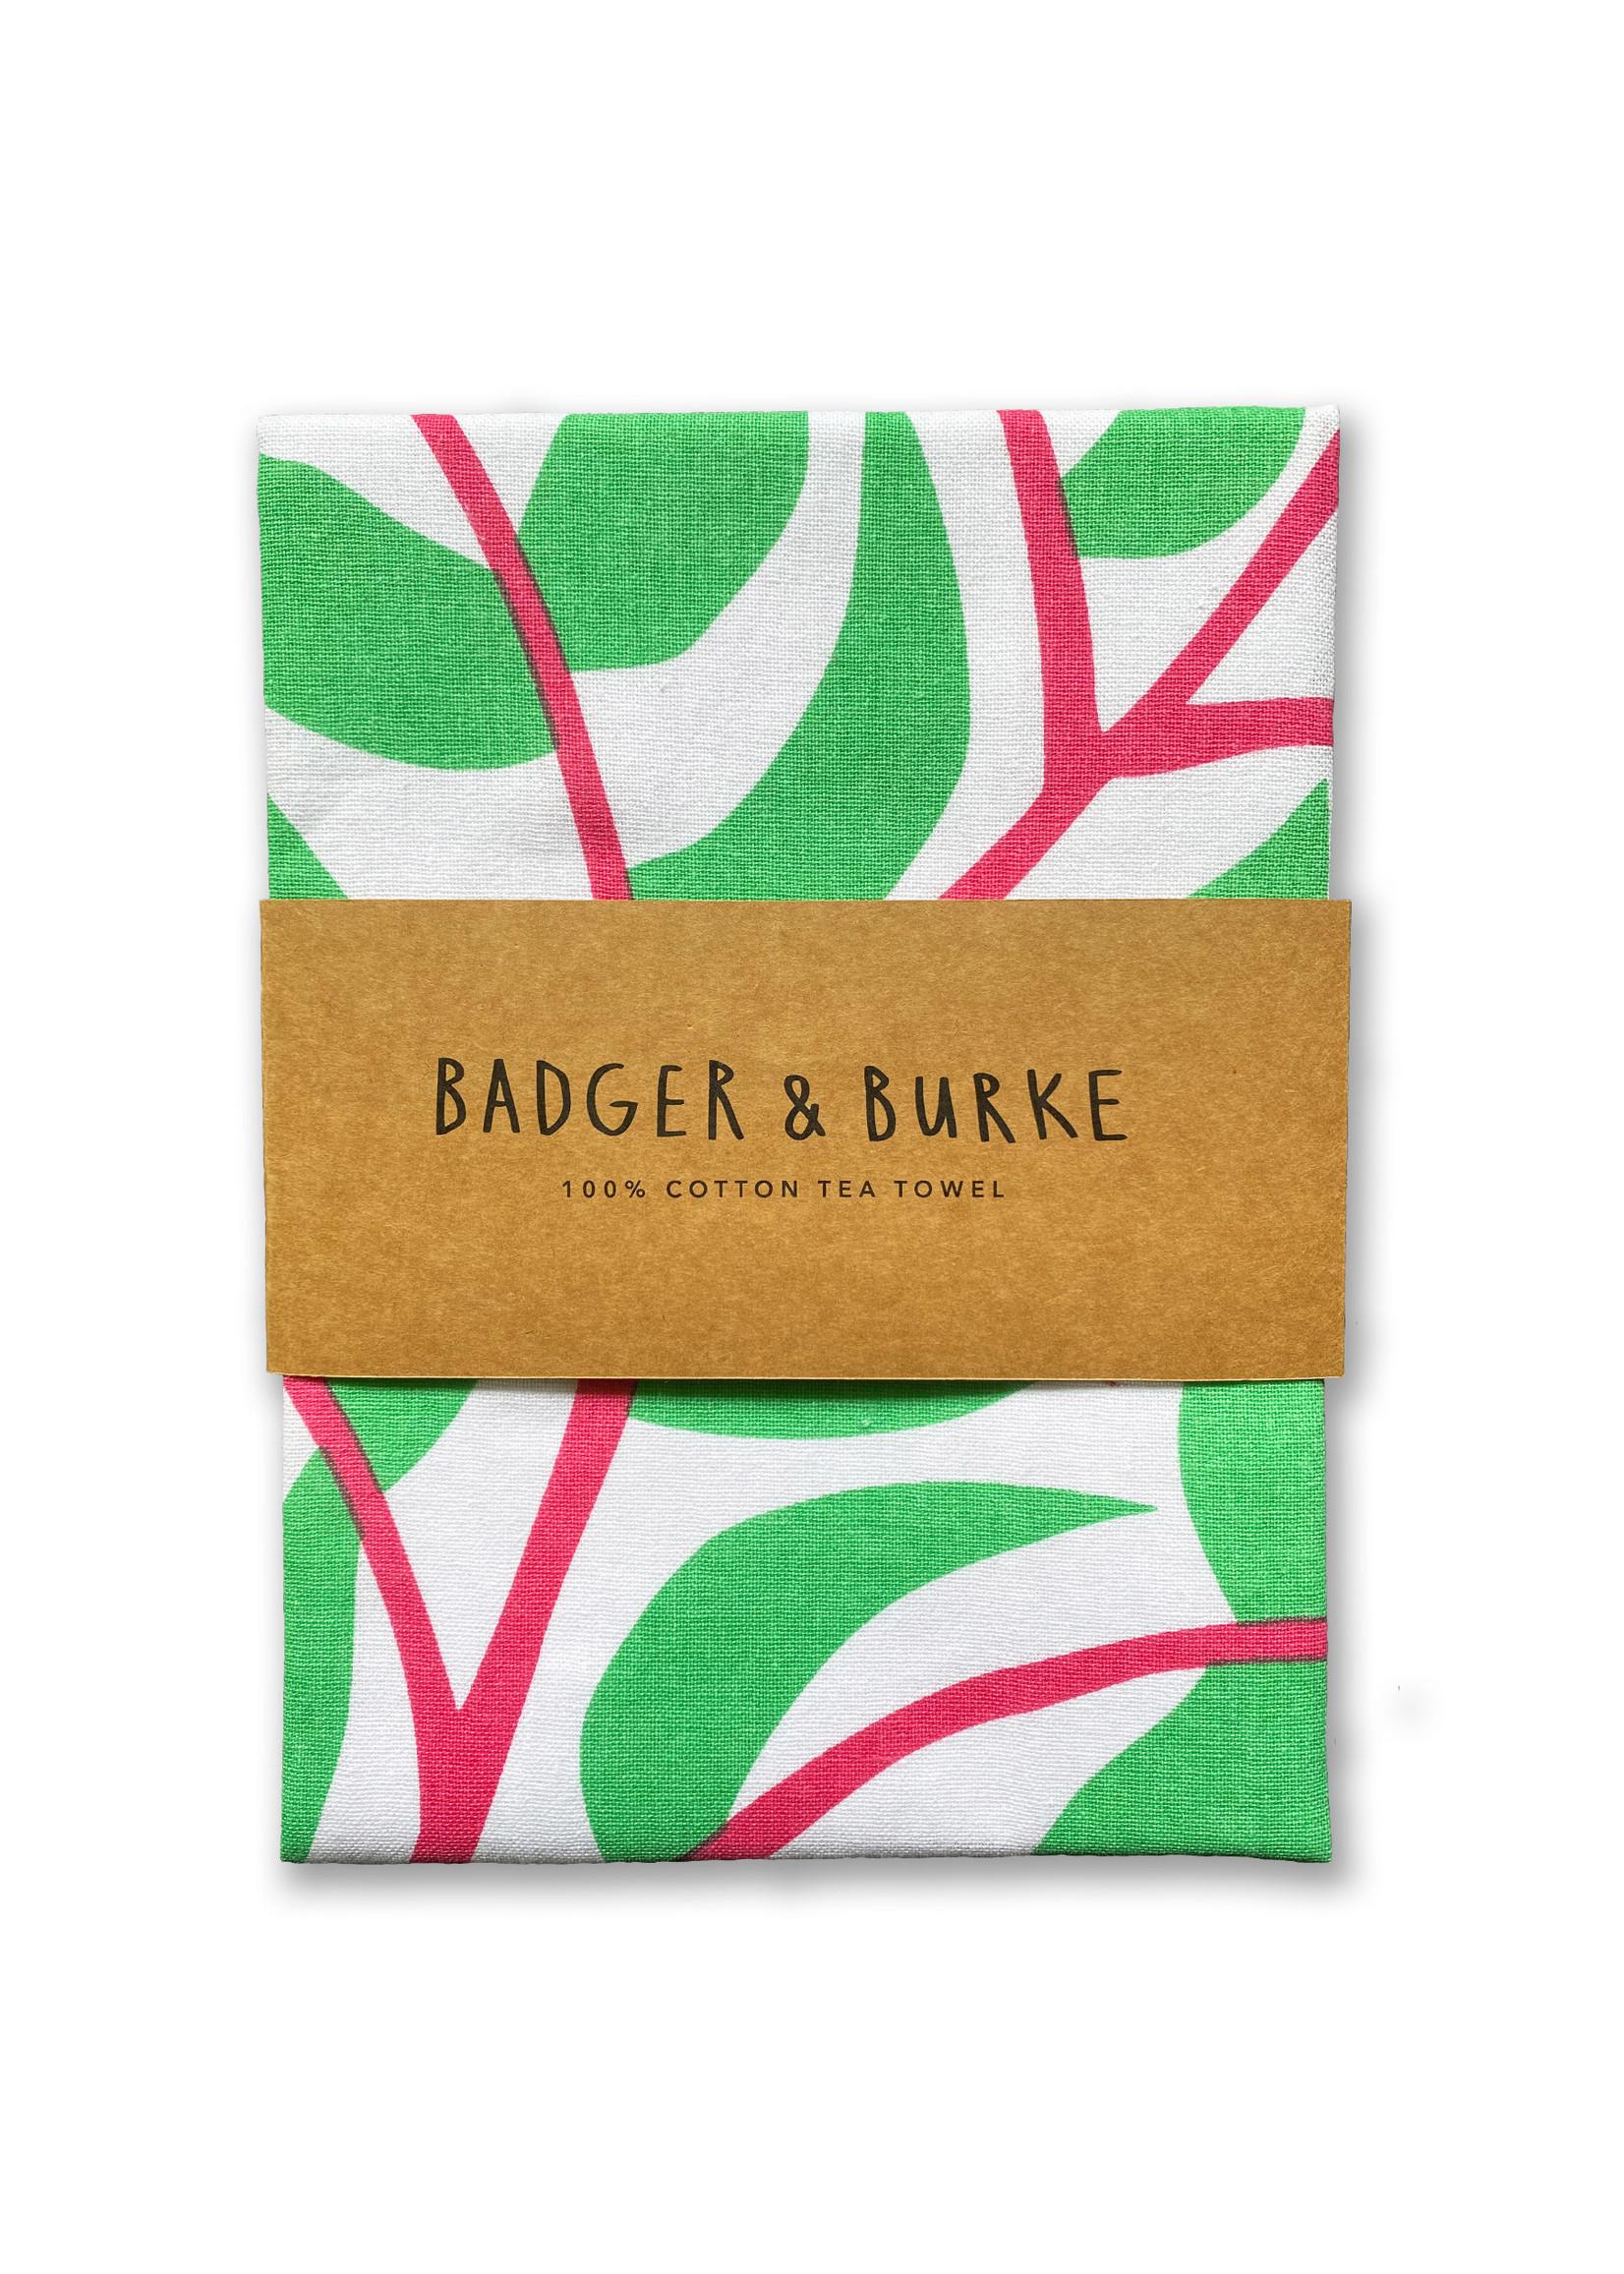 Badger & Burke Flowering Plants Tea Towel